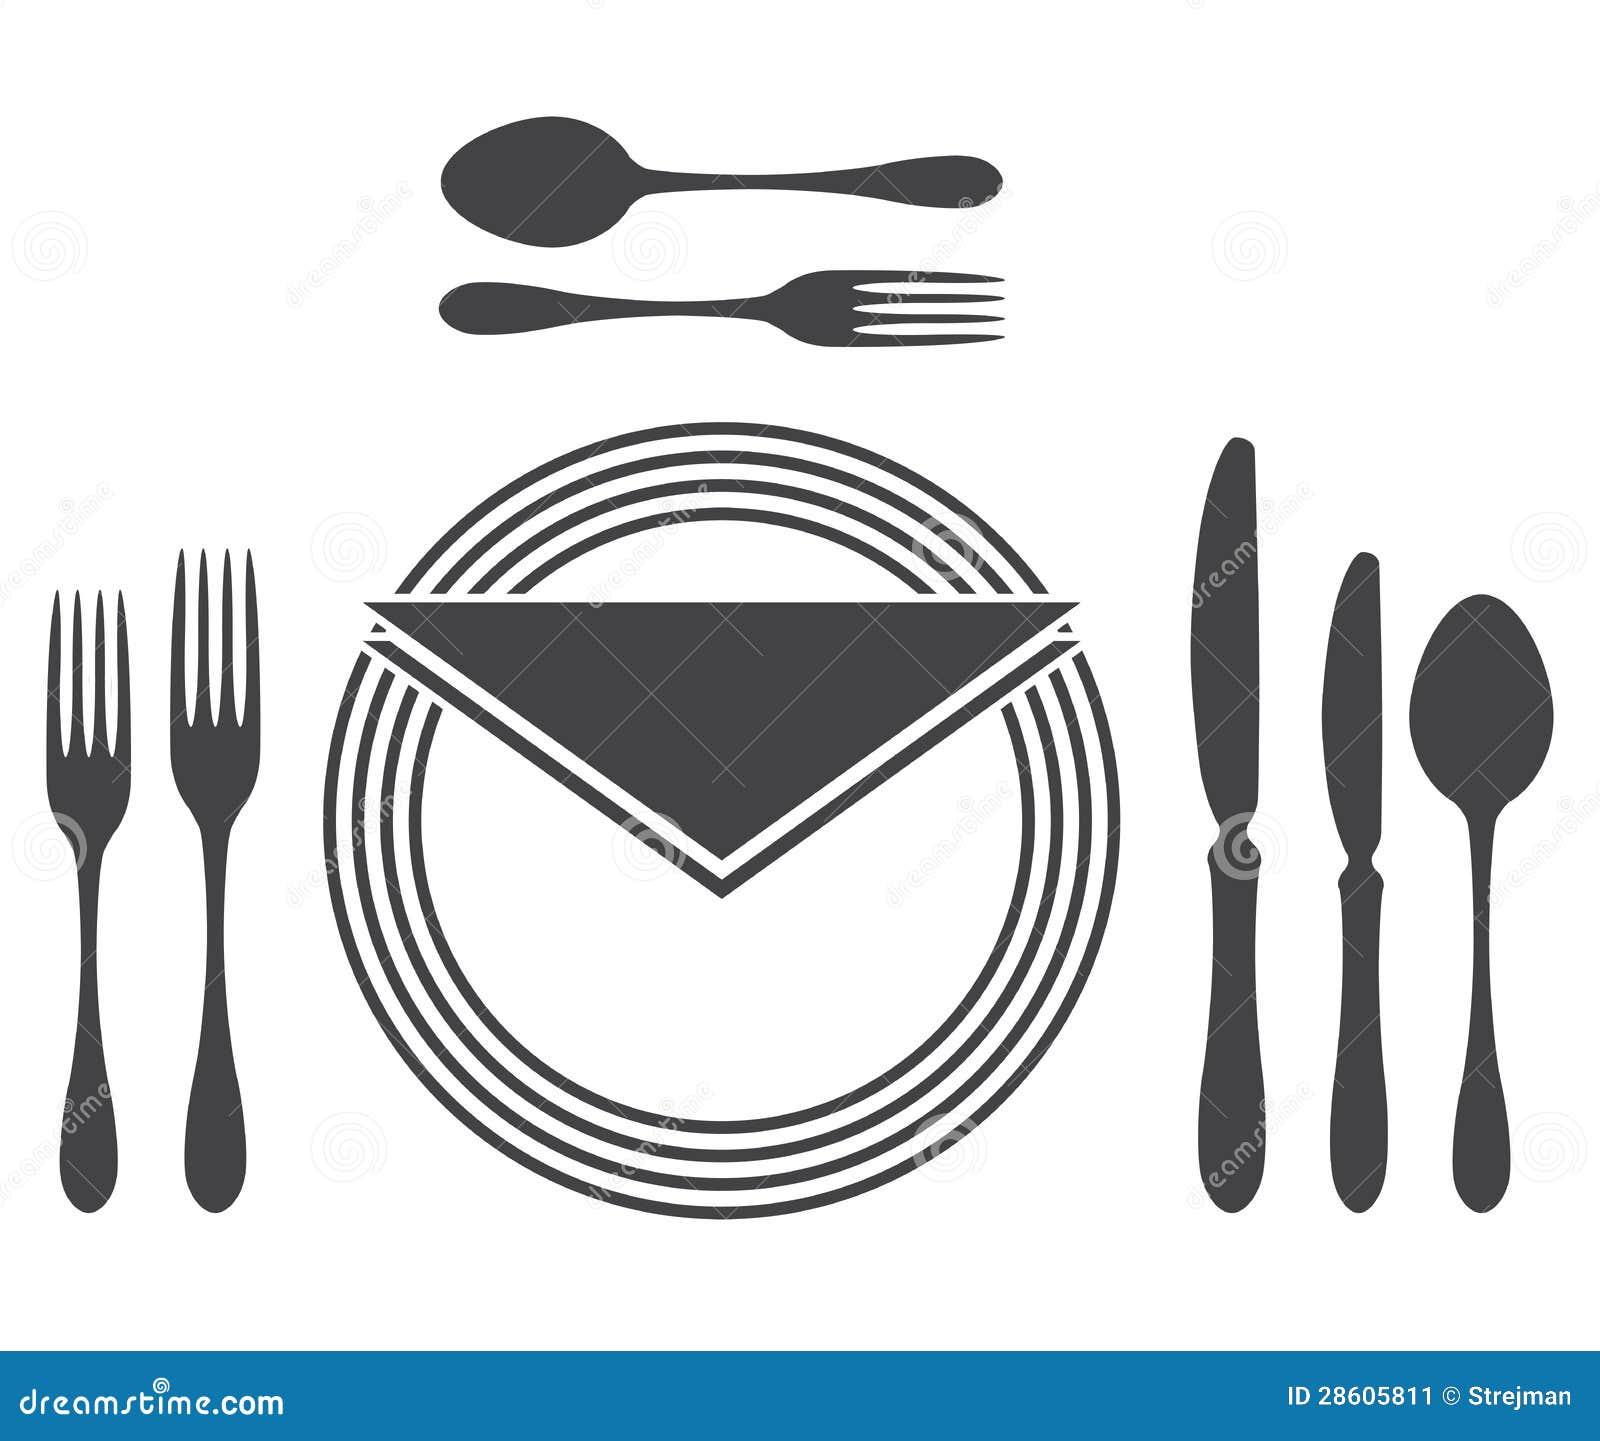 Etiquette Proper Table Setting  Table Etiquette Clip Art